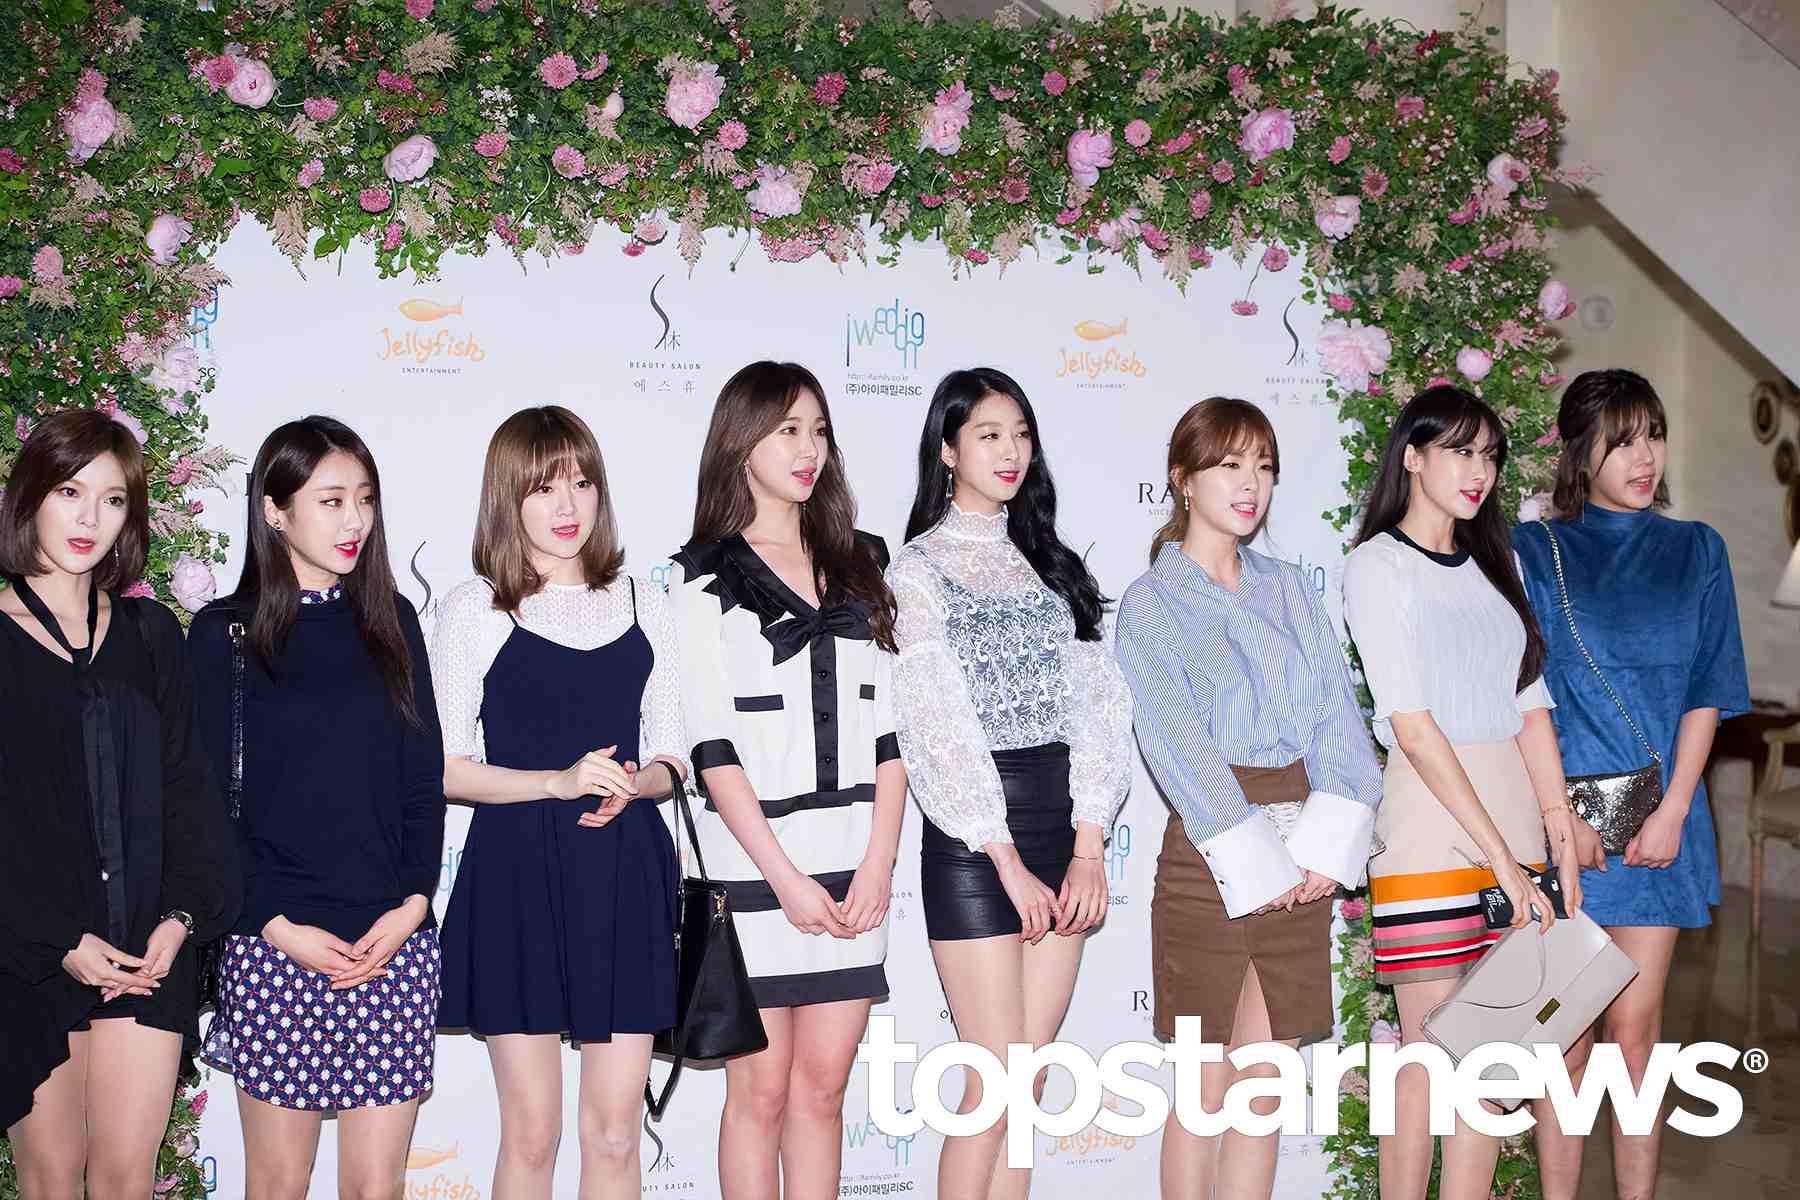 今天早上又傳出同公司的師妹團9Muses不知道第幾次有成員離團,更是讓韓國網友也感慨這一家經紀公司的藝人怎麼命運一個比一個還要多舛